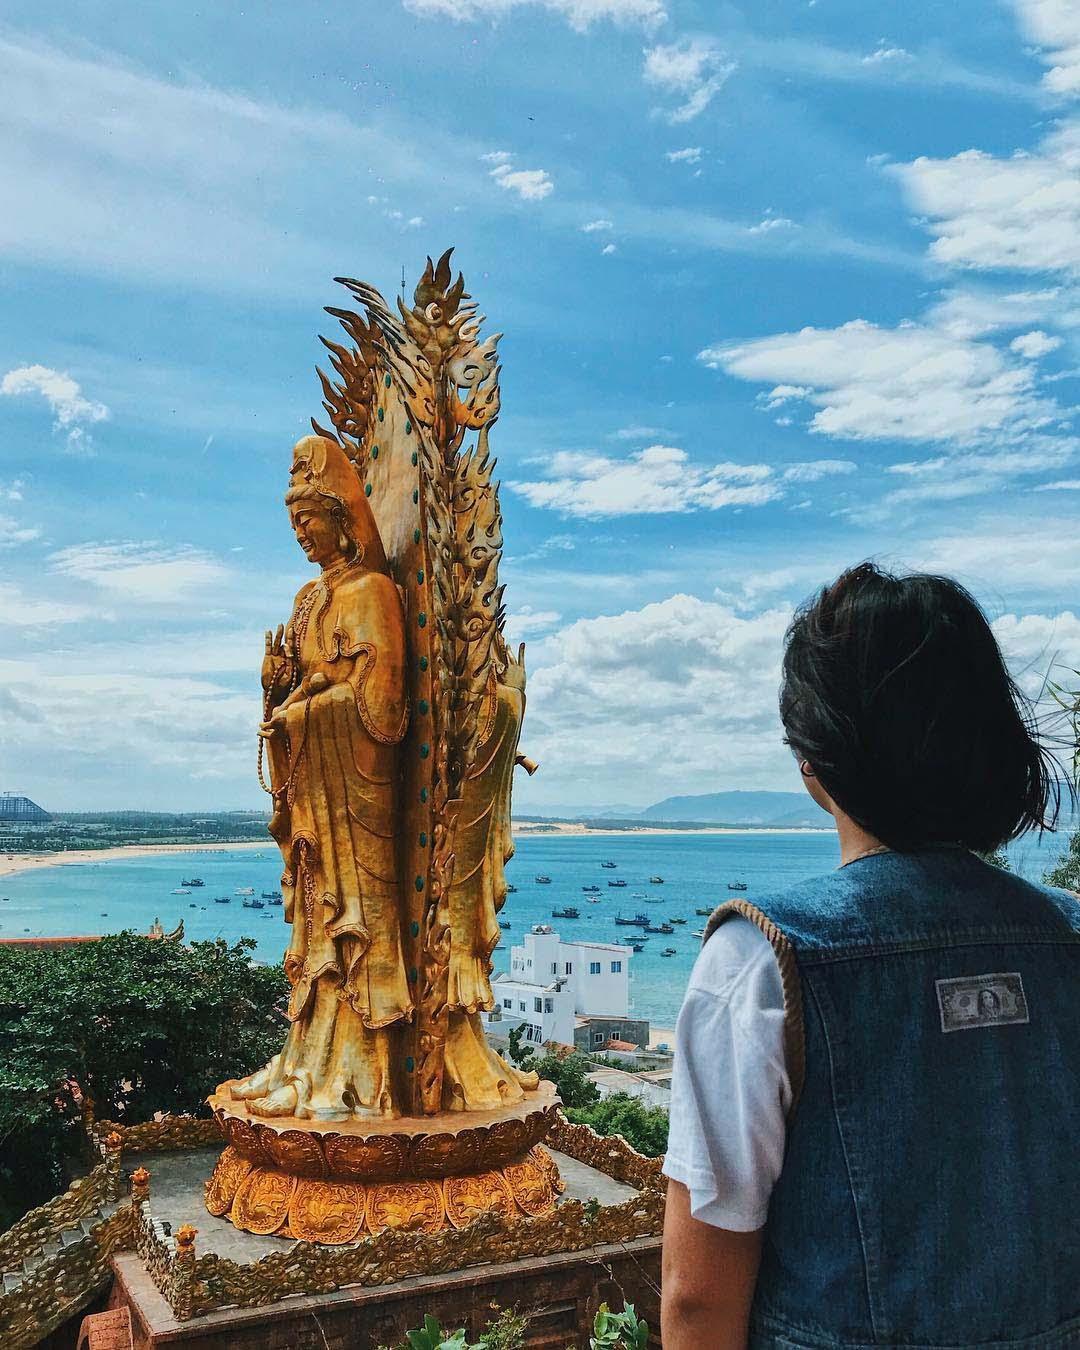 du lịch quy nhơn hình ảnh tịnh xá Ngọc Hòa